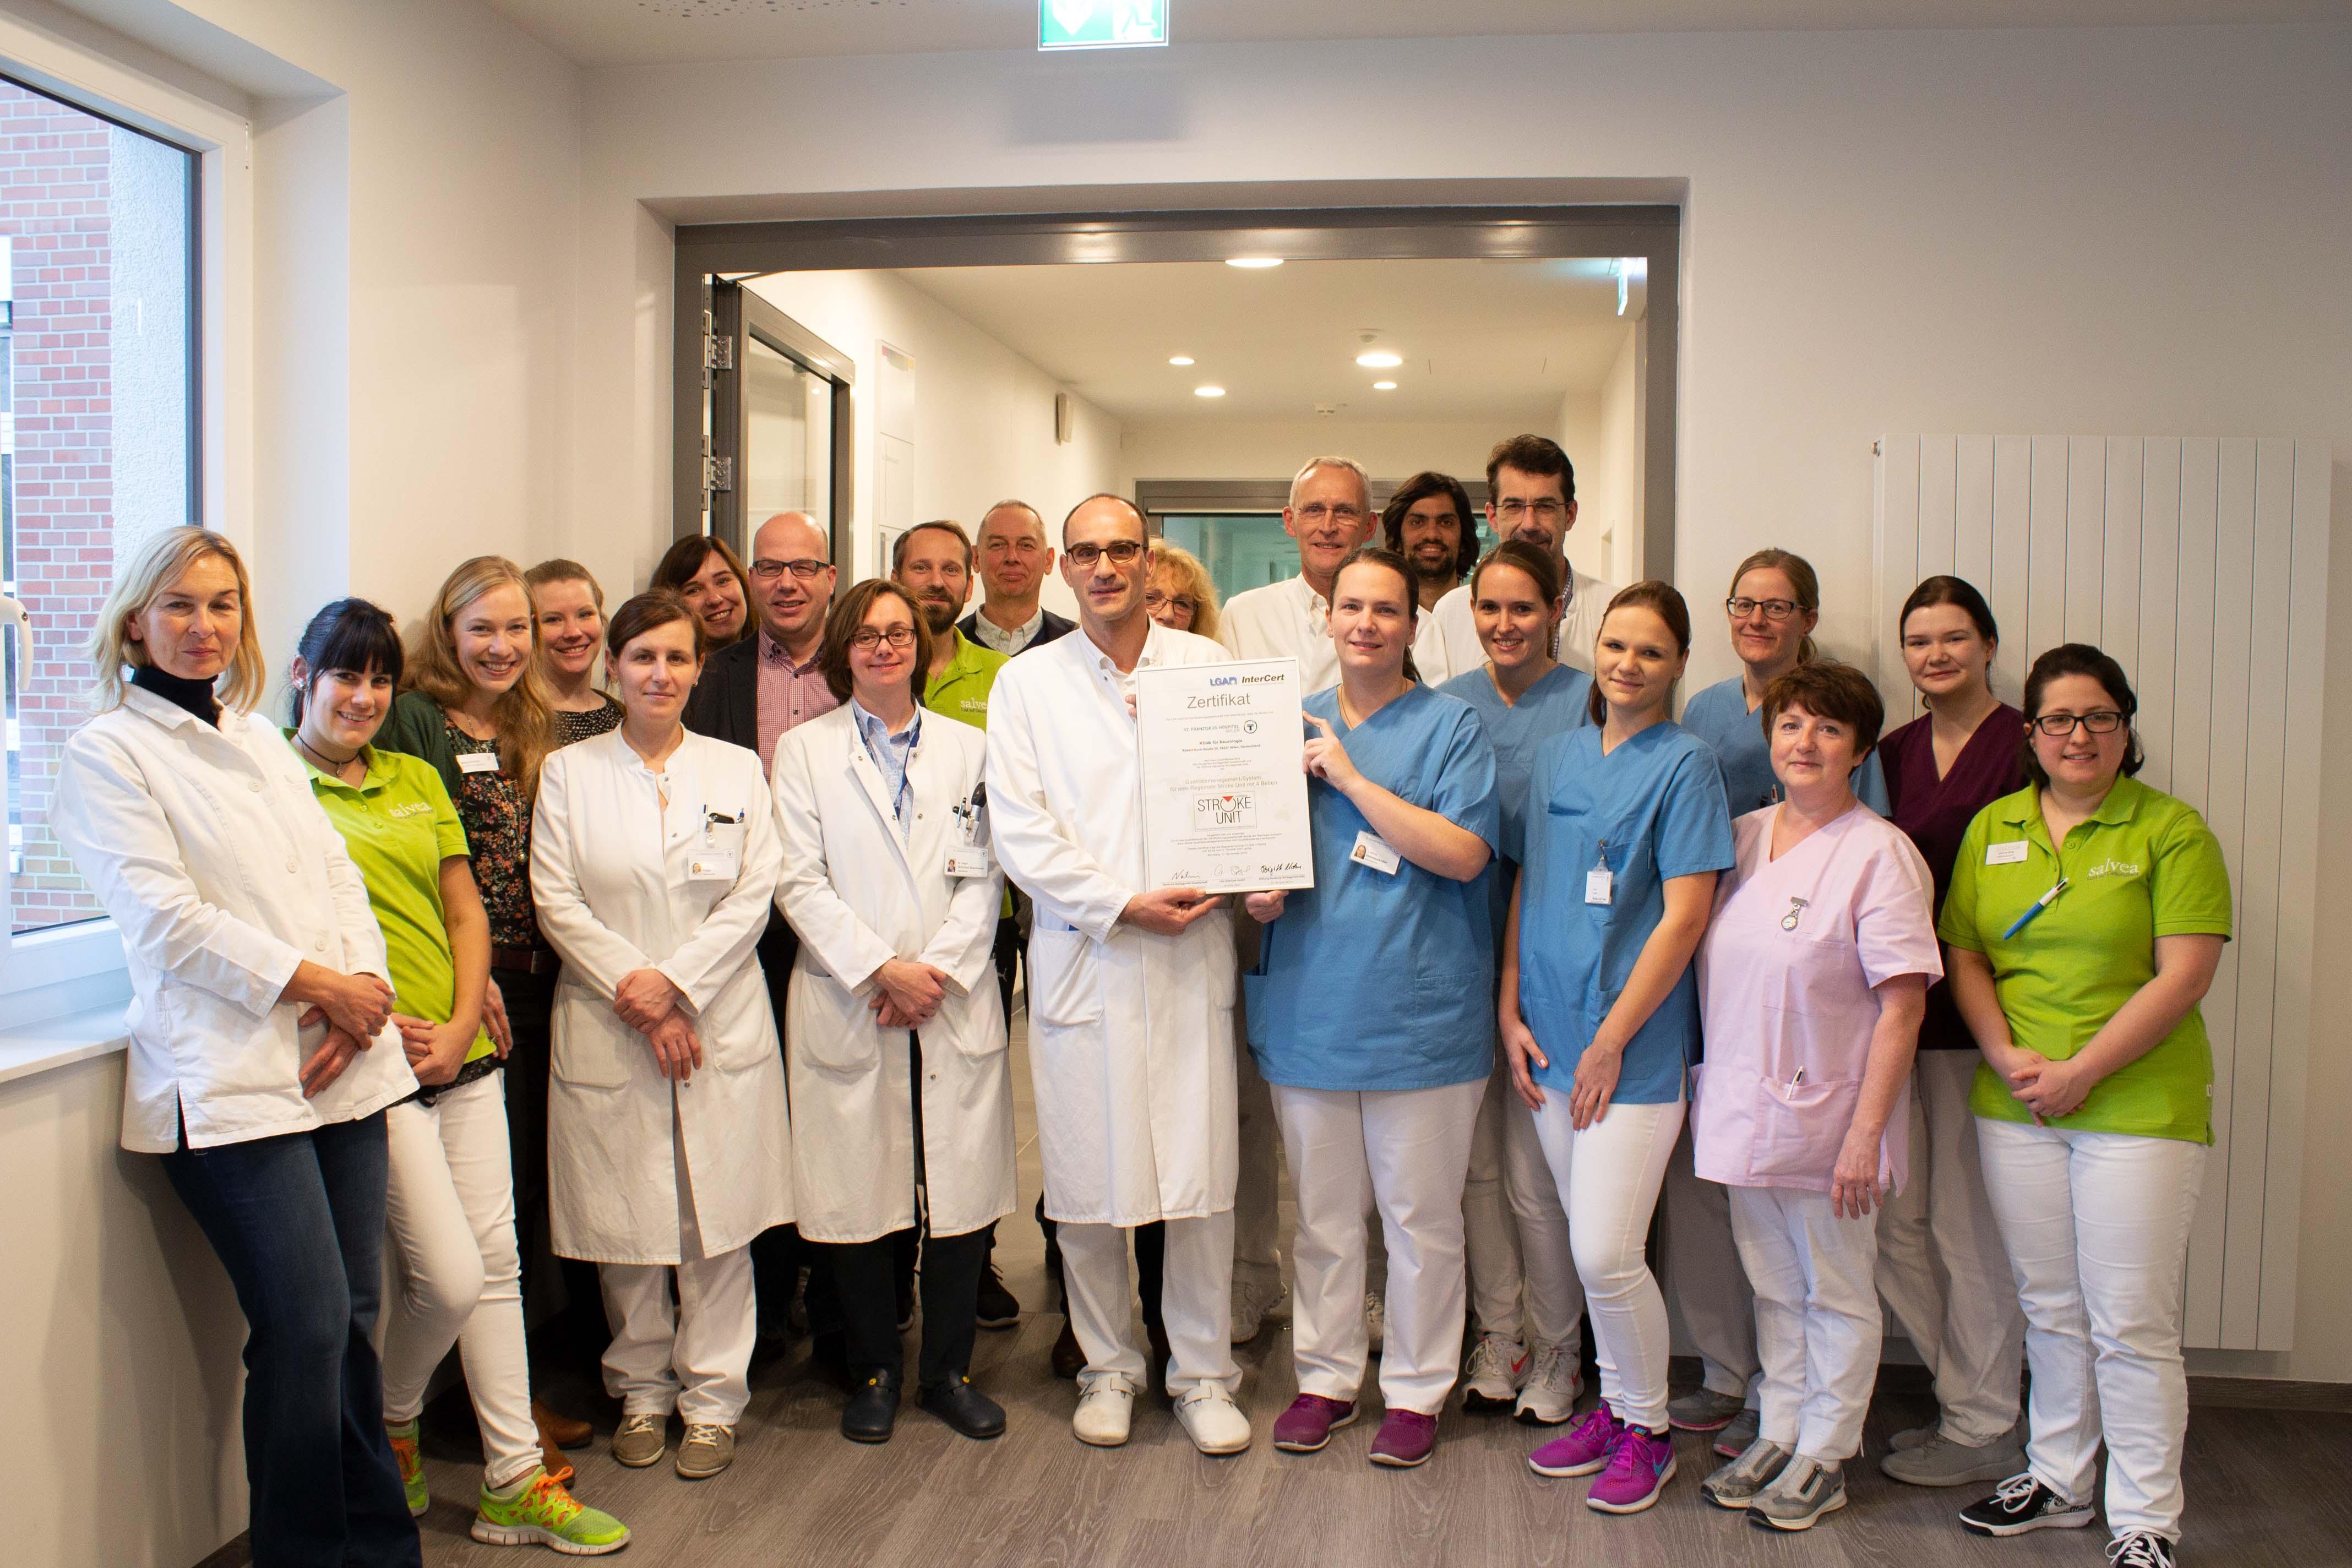 Regionales Schlaganfallzentrum In Ahlen Erstmalig Zertifiziert